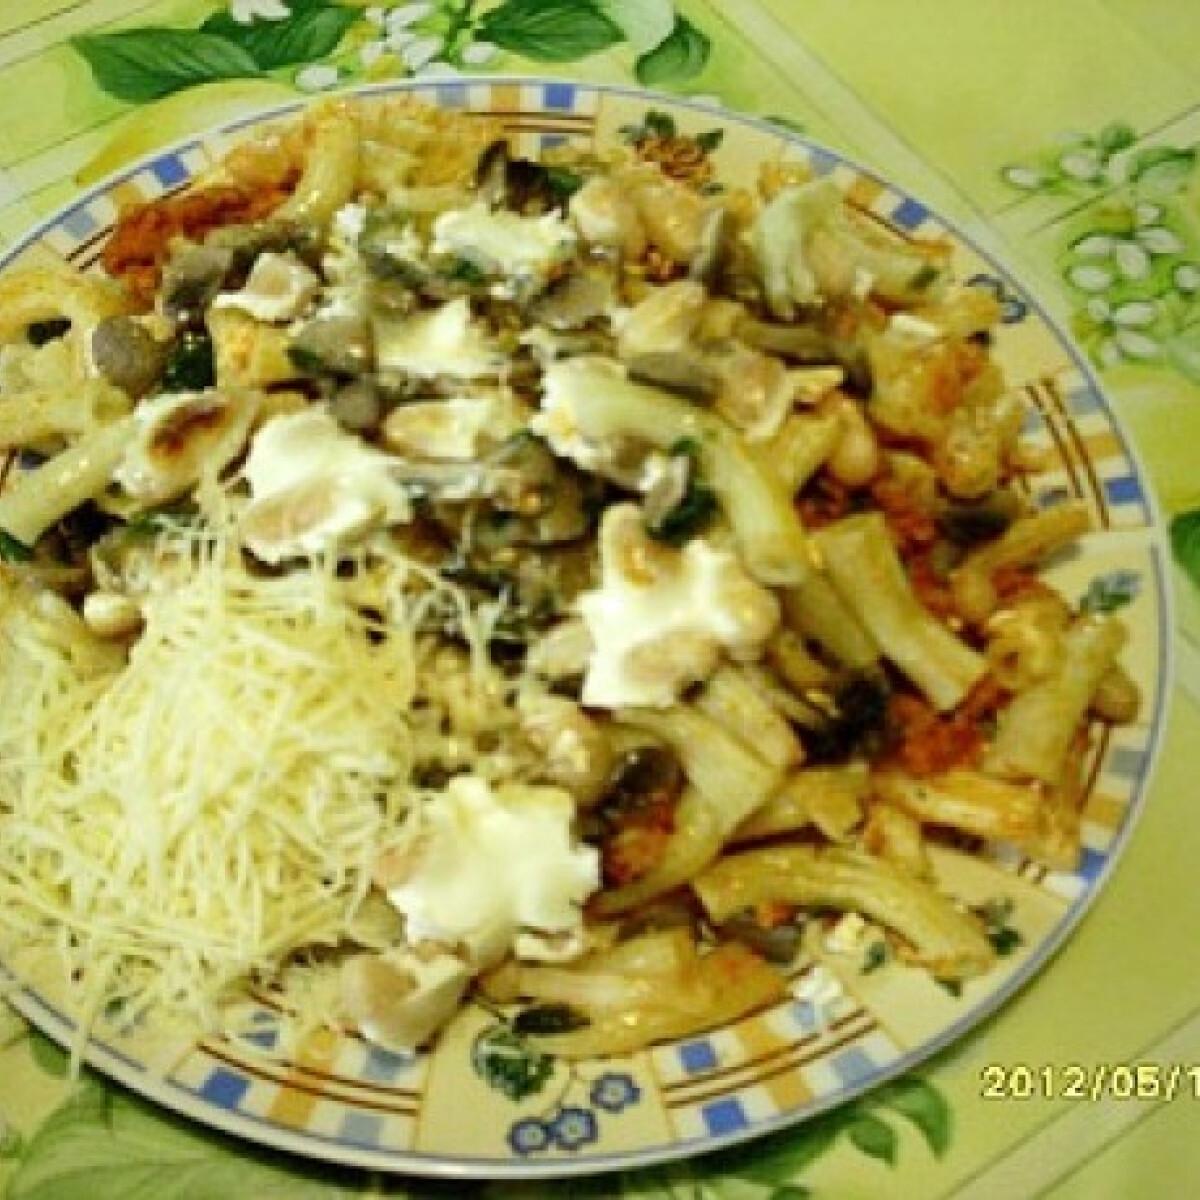 Gombás-fehérbabos-húsos rakott tészta